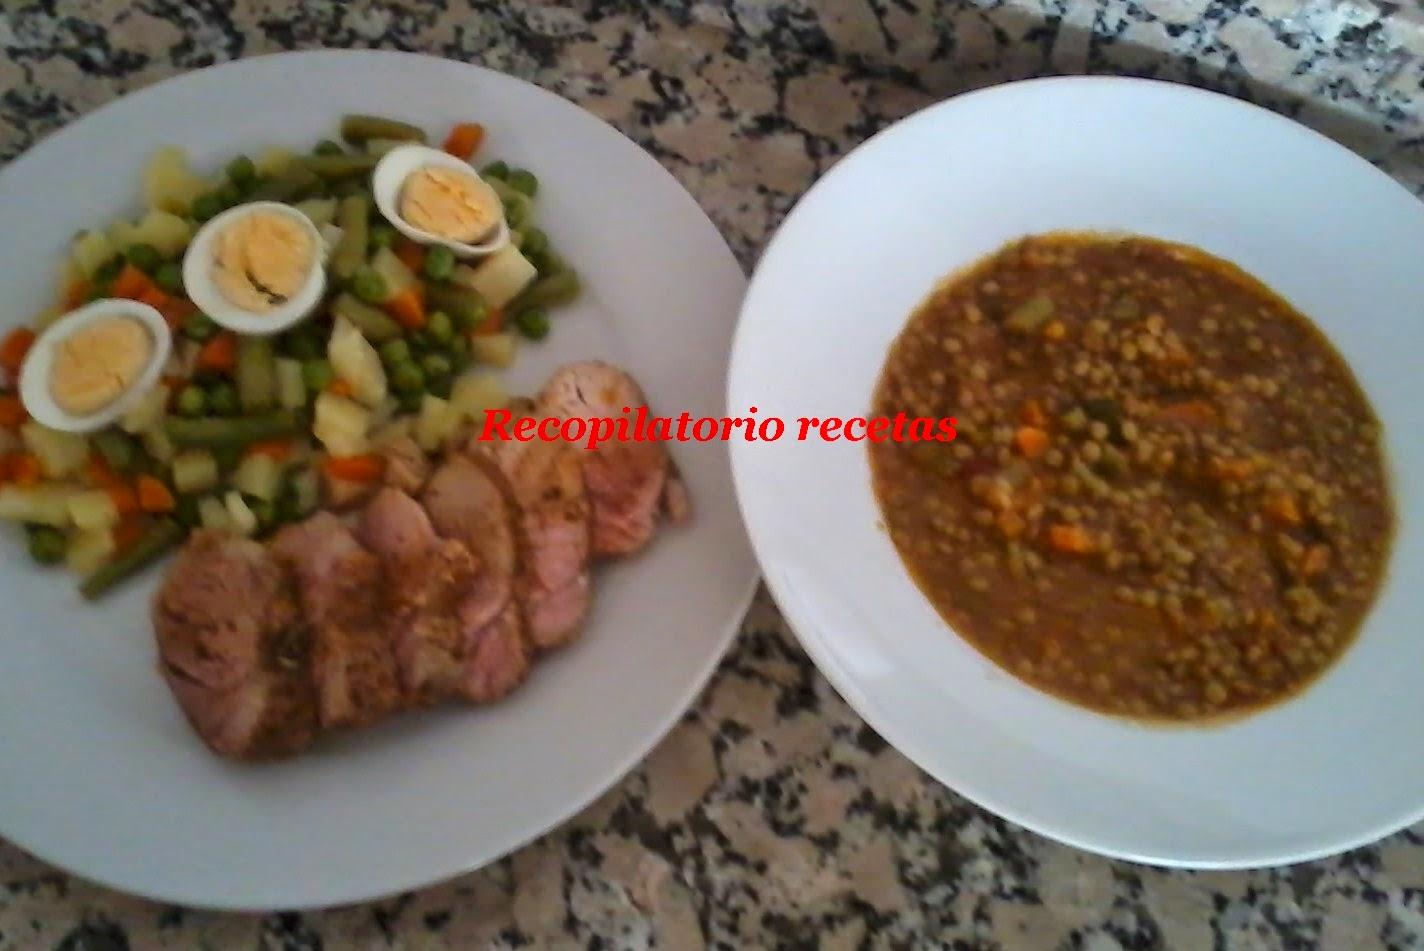 recopilatorio de recetas thermomix varoma y cocina a niveles